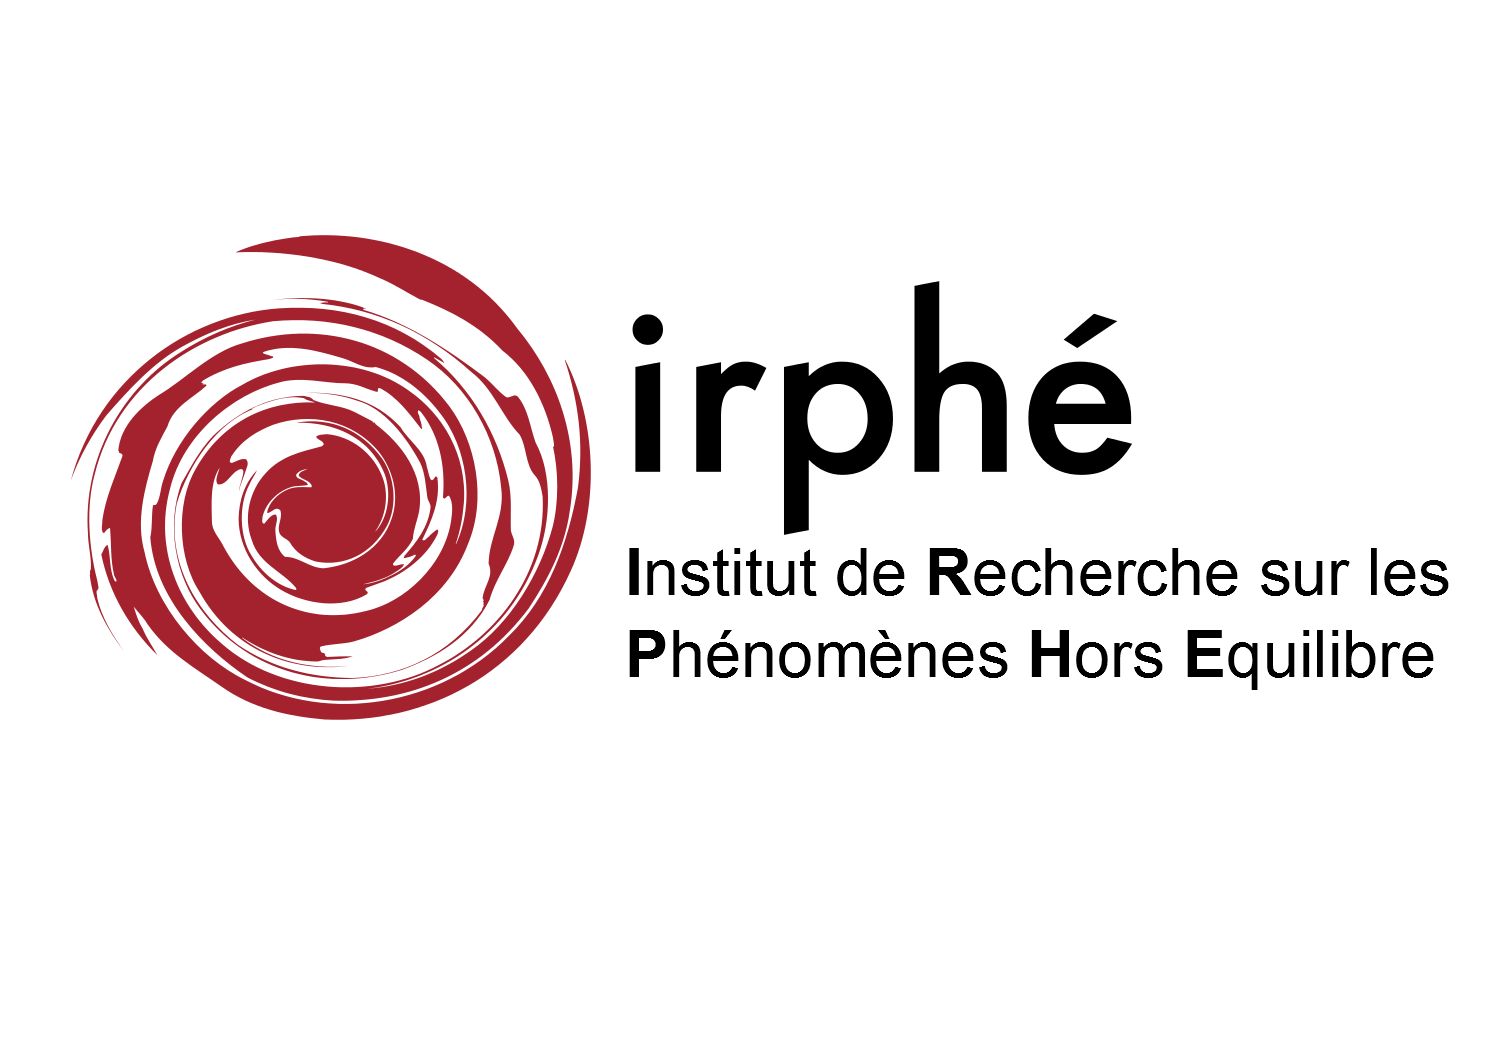 logo_irphe_doc_administratif.png